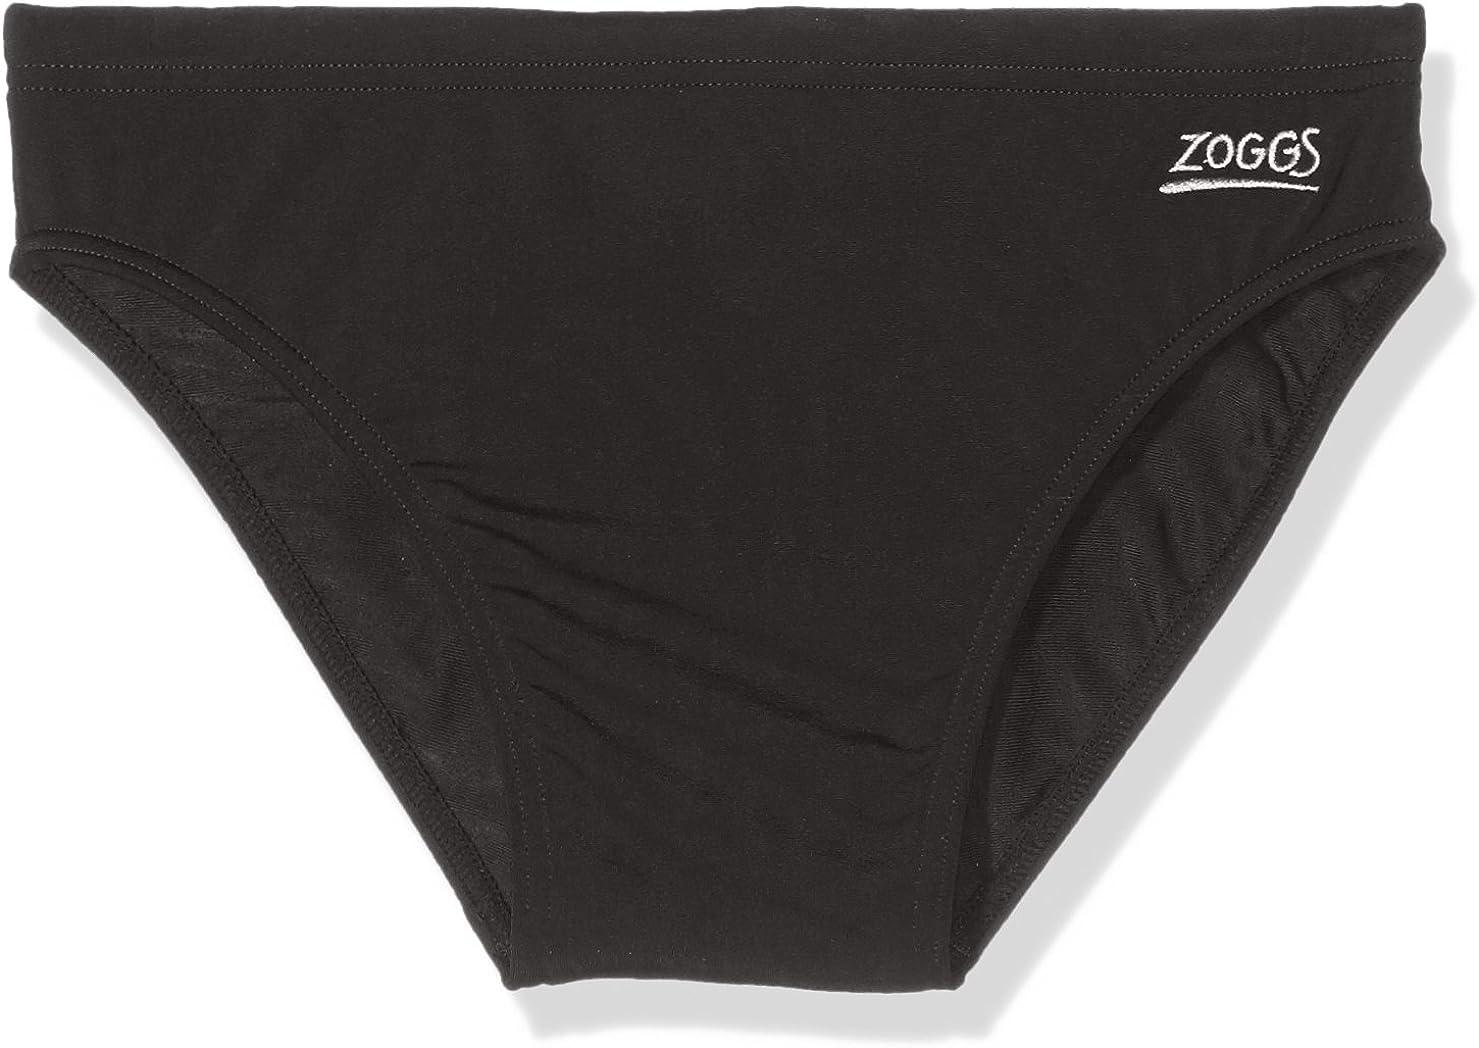 Zoggs Kids Cottesloe Racer Swimming Trunks